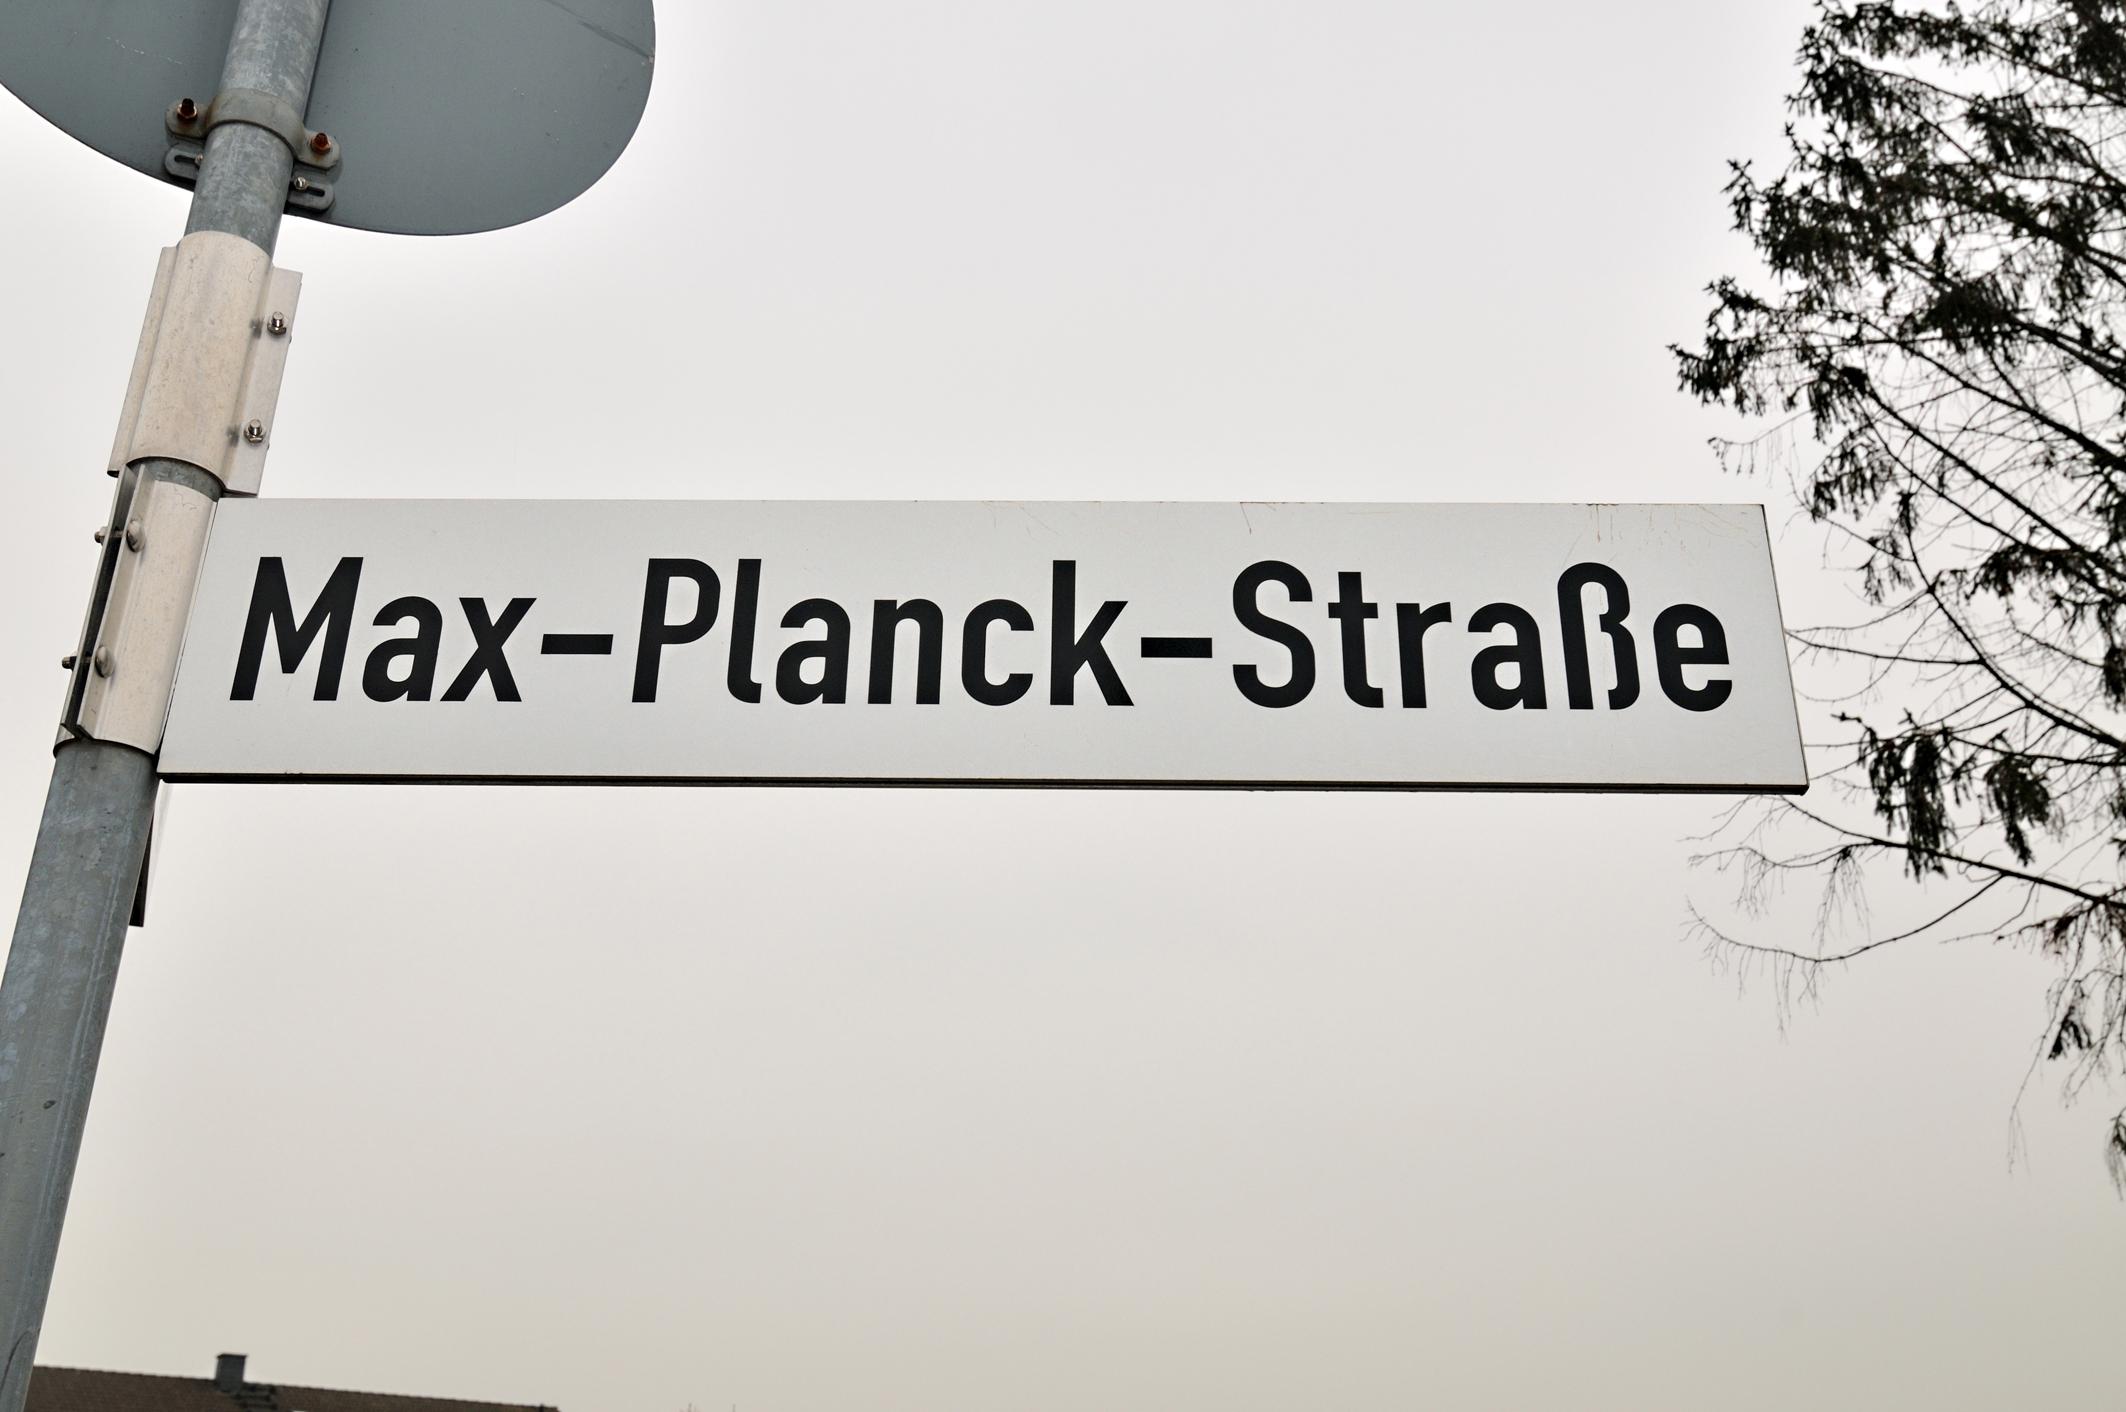 Die Max-Planck-Straße ist benannt nach einem weltbekannten Physiker.